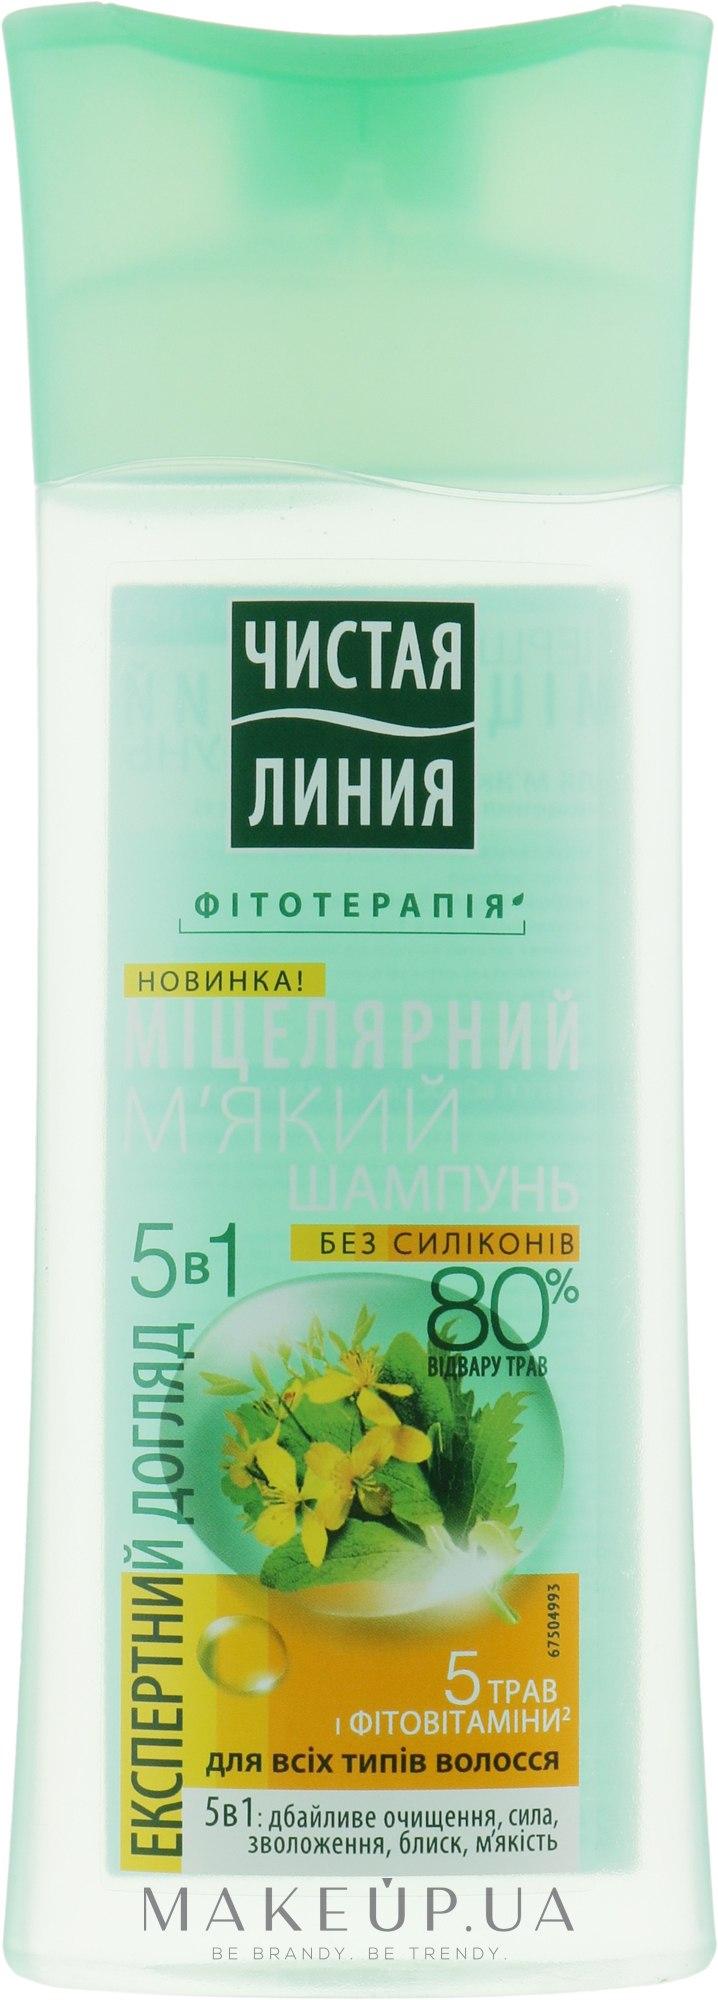 """Шампунь для волос 5в1 """"Мицеллярный мягкий. Экспертный уход"""" - Чистая линия — фото 250ml"""